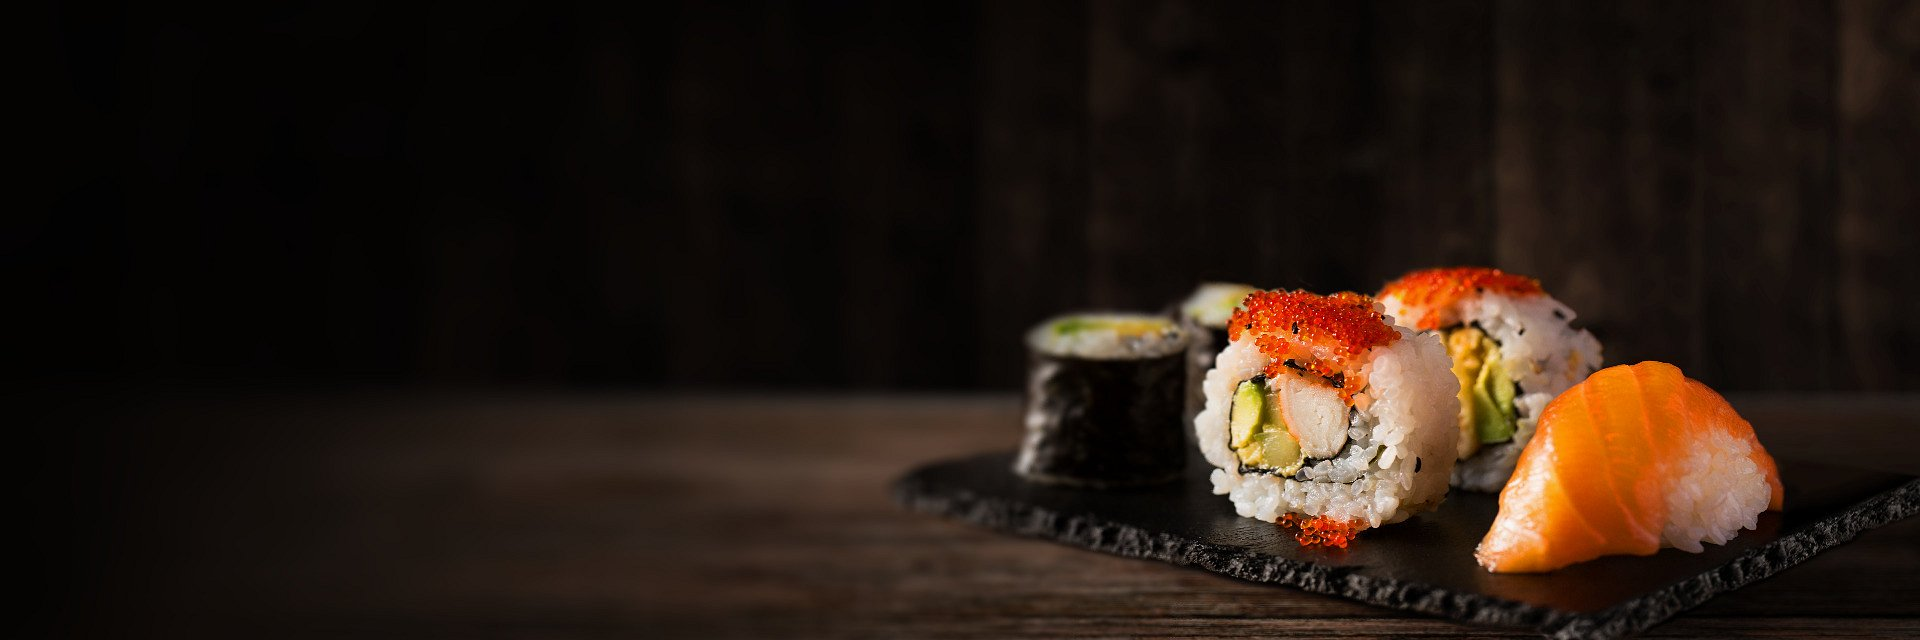 Yomato Sushi najlepszą restauracją azjatycką w Krakowie